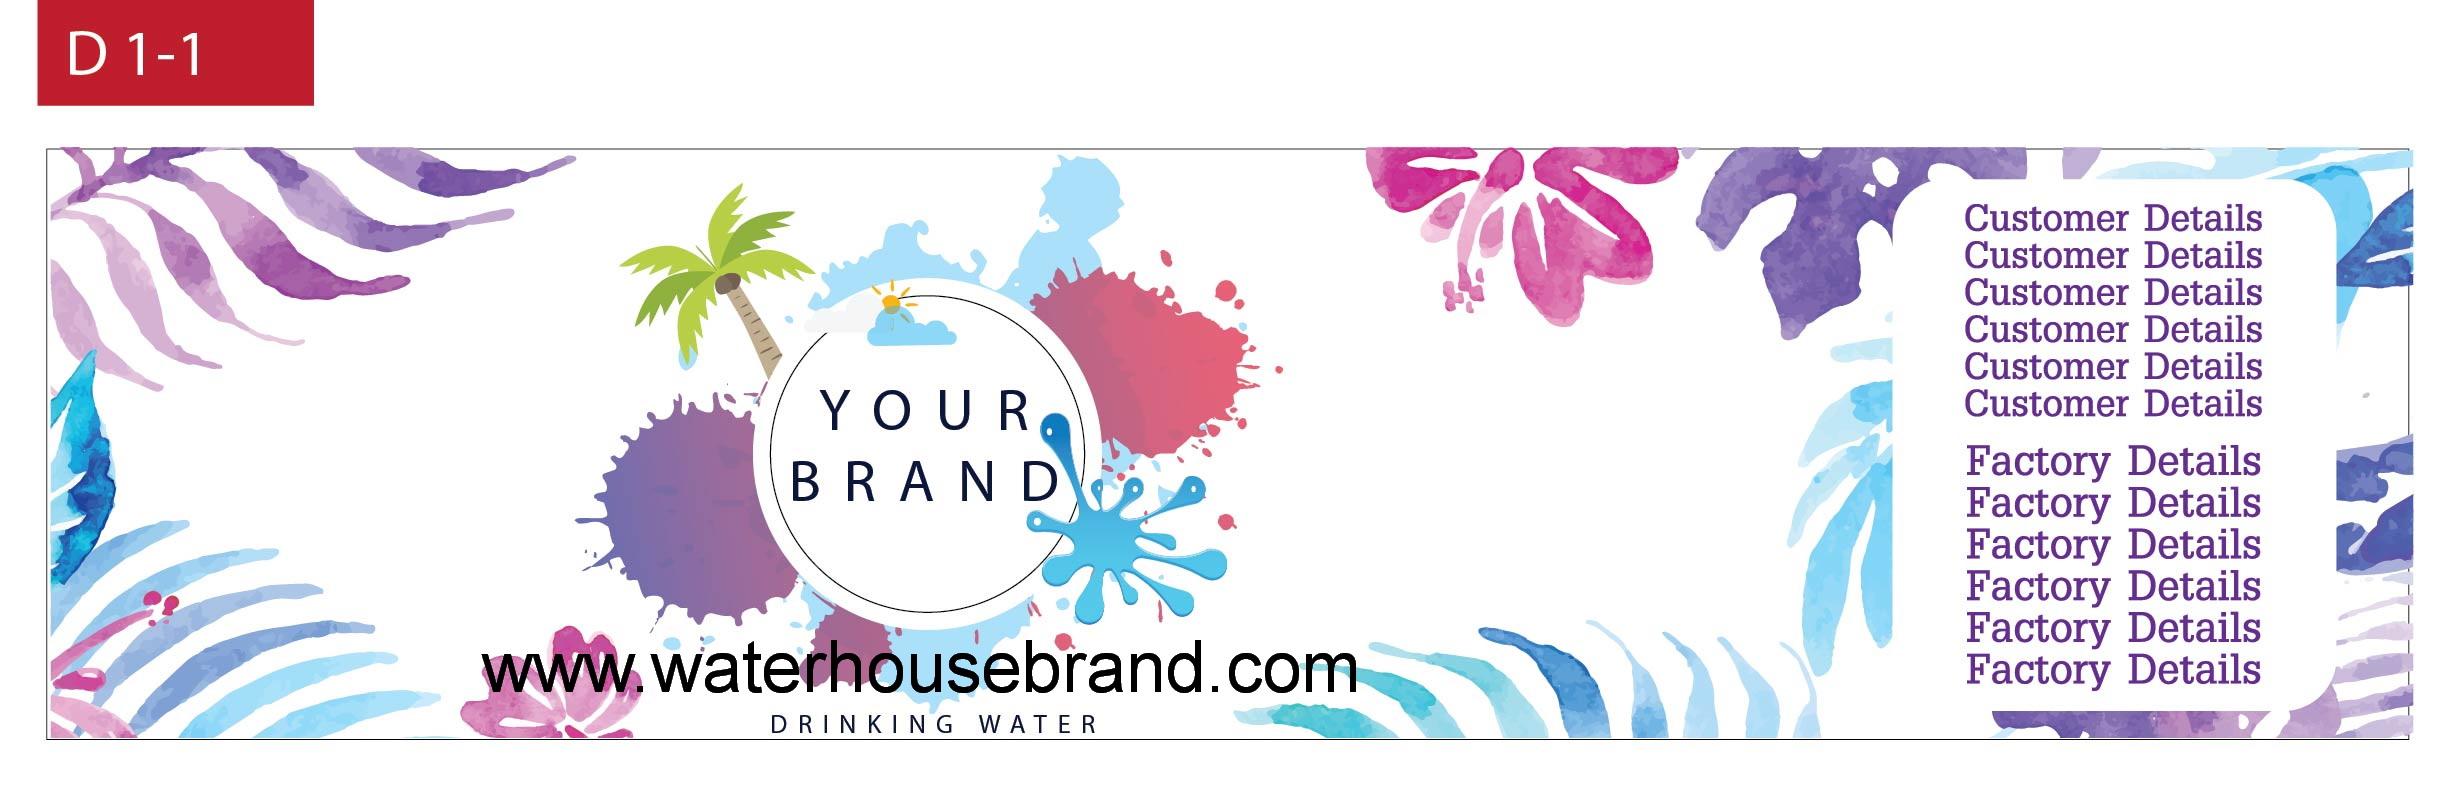 waterhouse-แบบฉลากน้ำดื่ม-d11